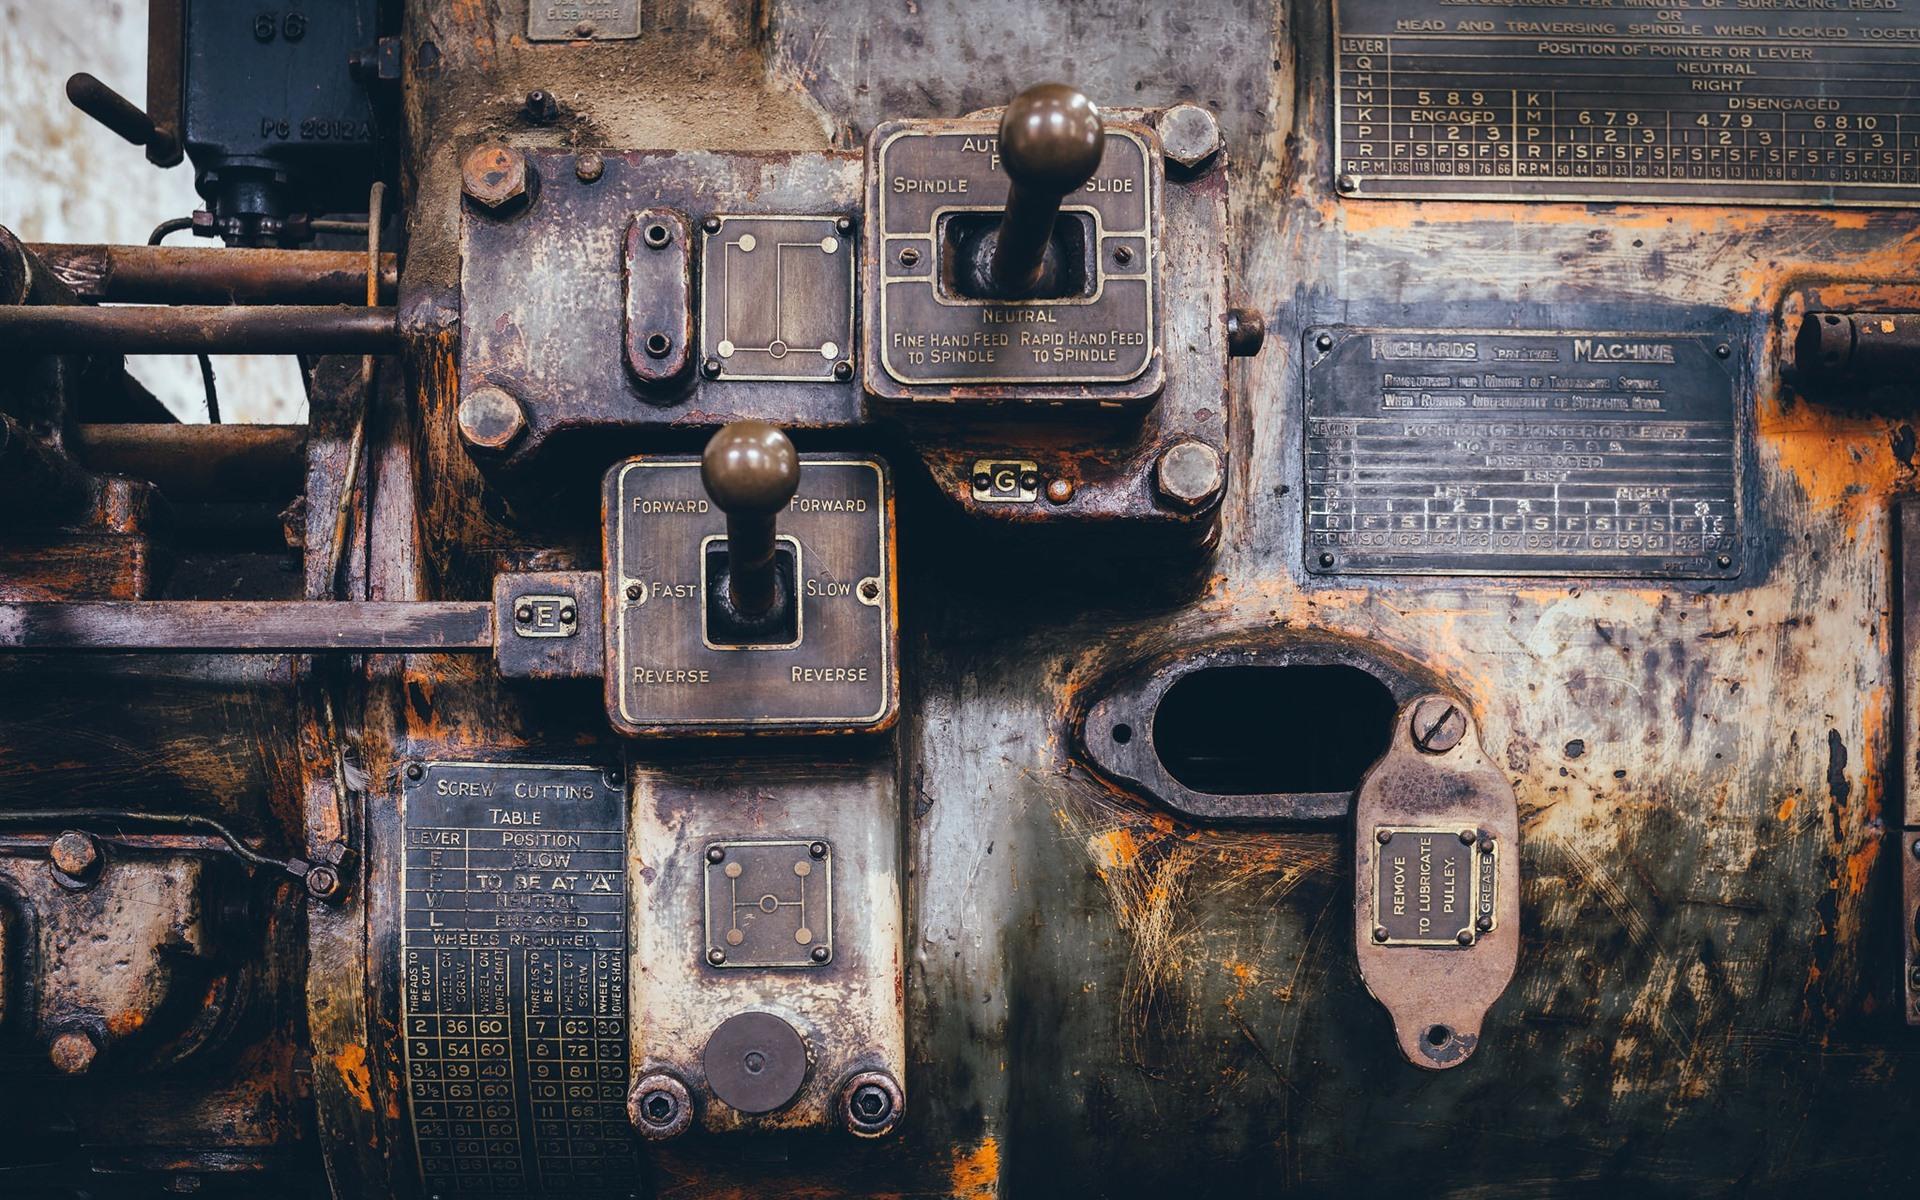 壁紙 機械 スイッチ 1920x1200 Hd 無料のデスクトップの背景 画像